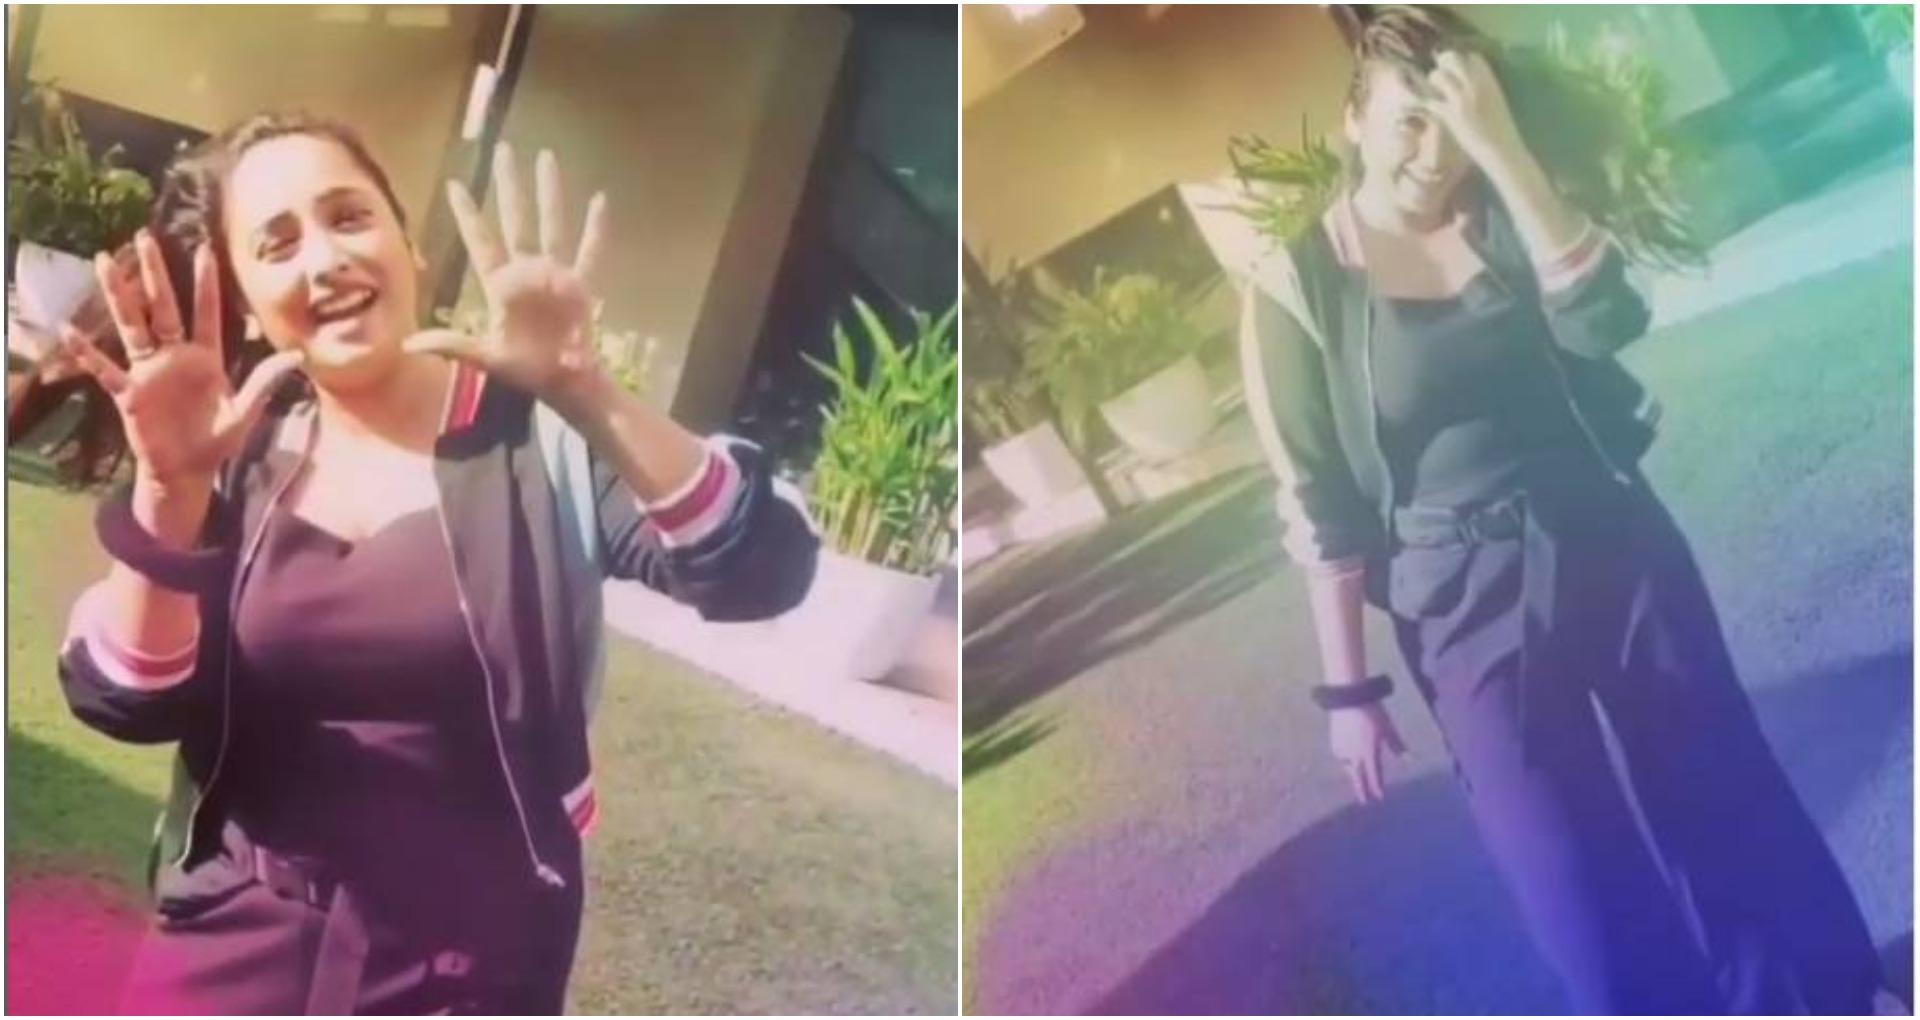 Holi 2020: होली के अवसर पर रानी चटर्जी ने दी होली की शुभकामनाएं, शेयर की वीडियो